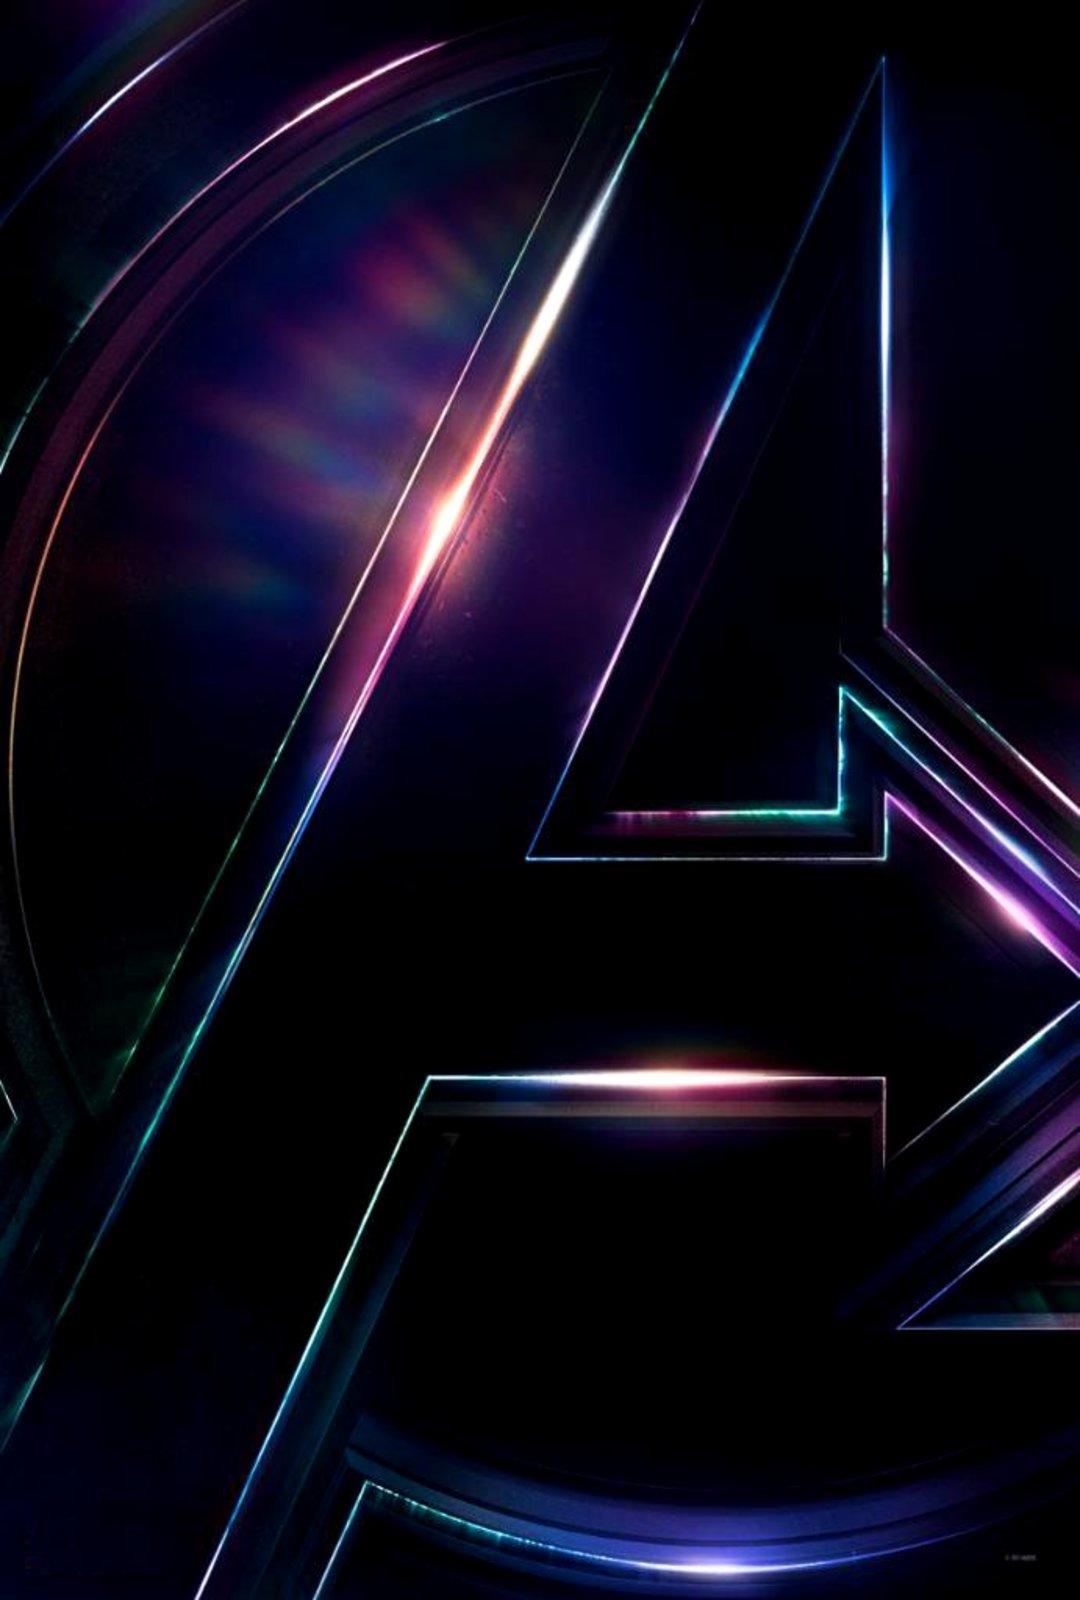 Avengers 3: Infinity War Trailer - Bild 1 von 3